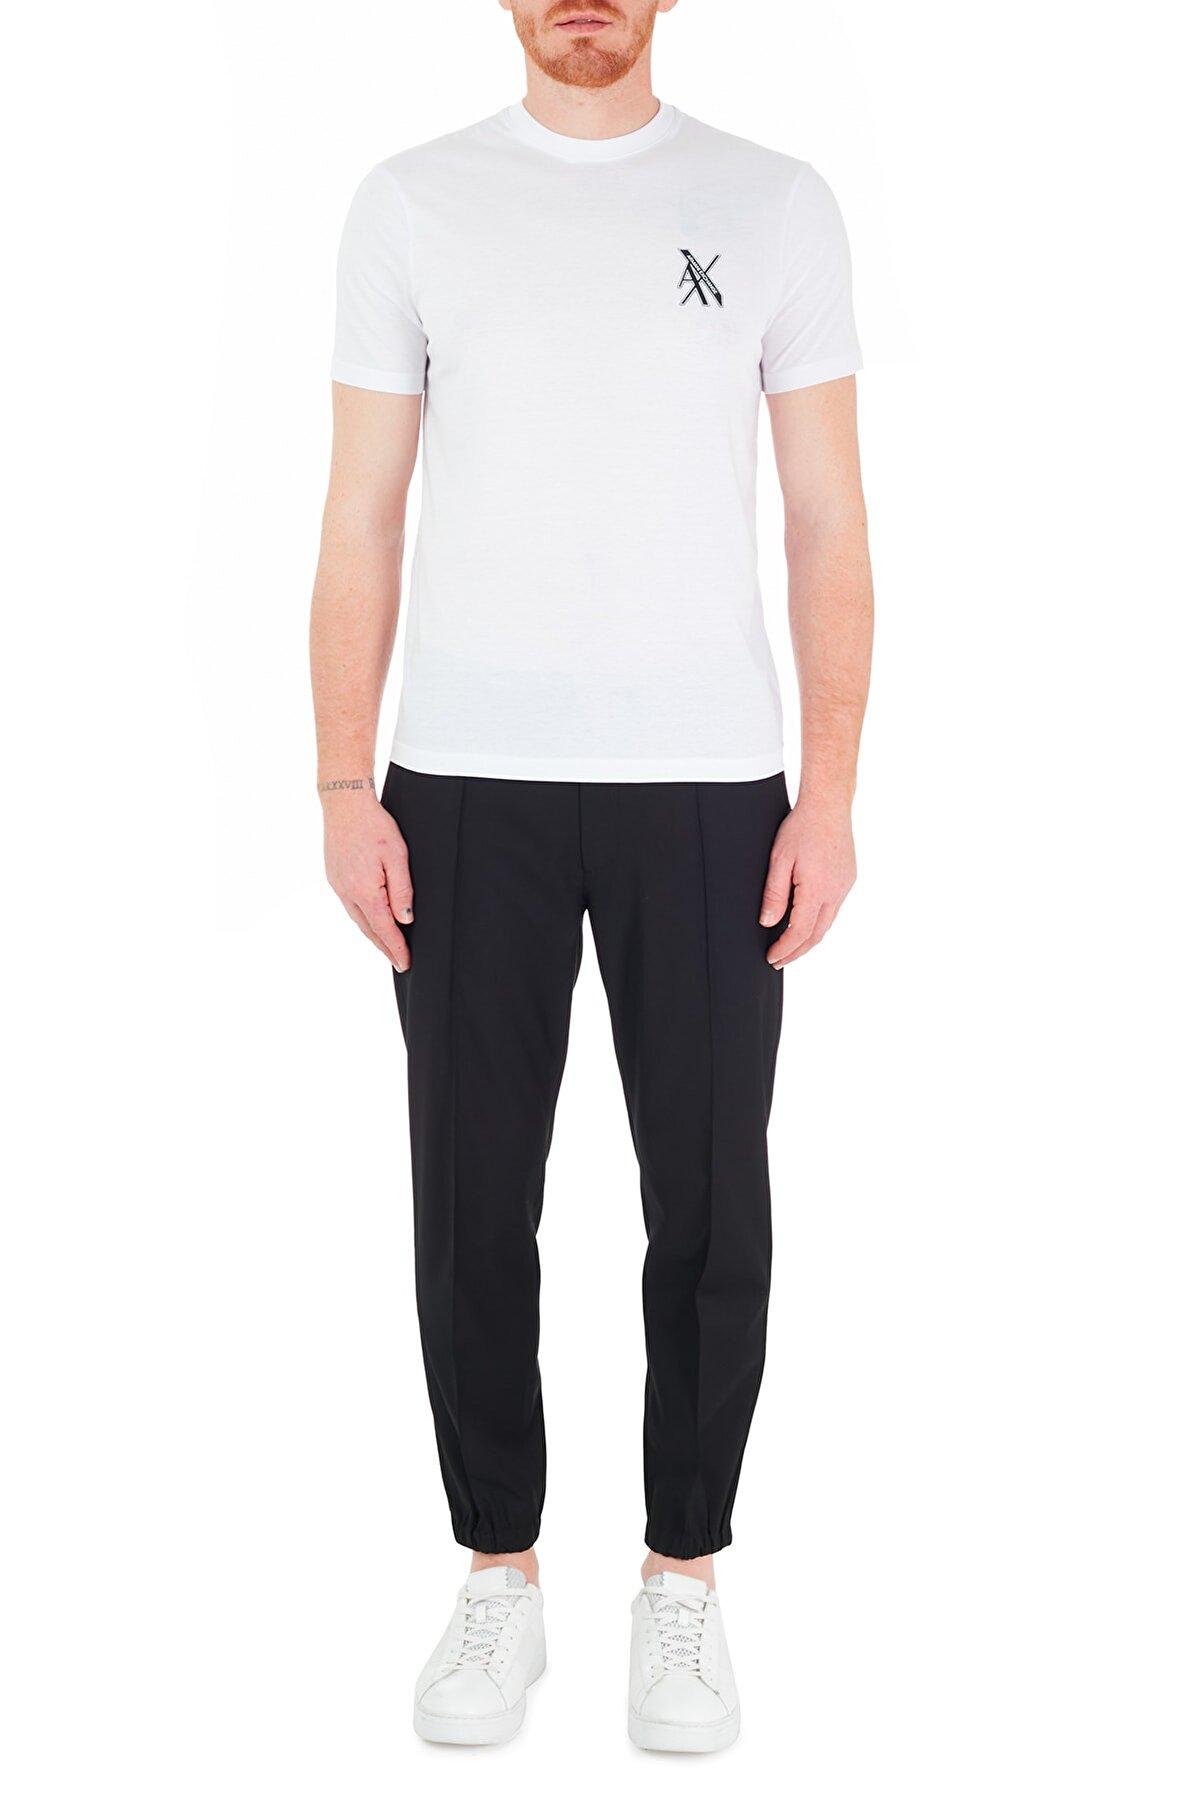 Armani Exchange Erkek Siyah Belden Bağlamalı Regular Fit Pantolon